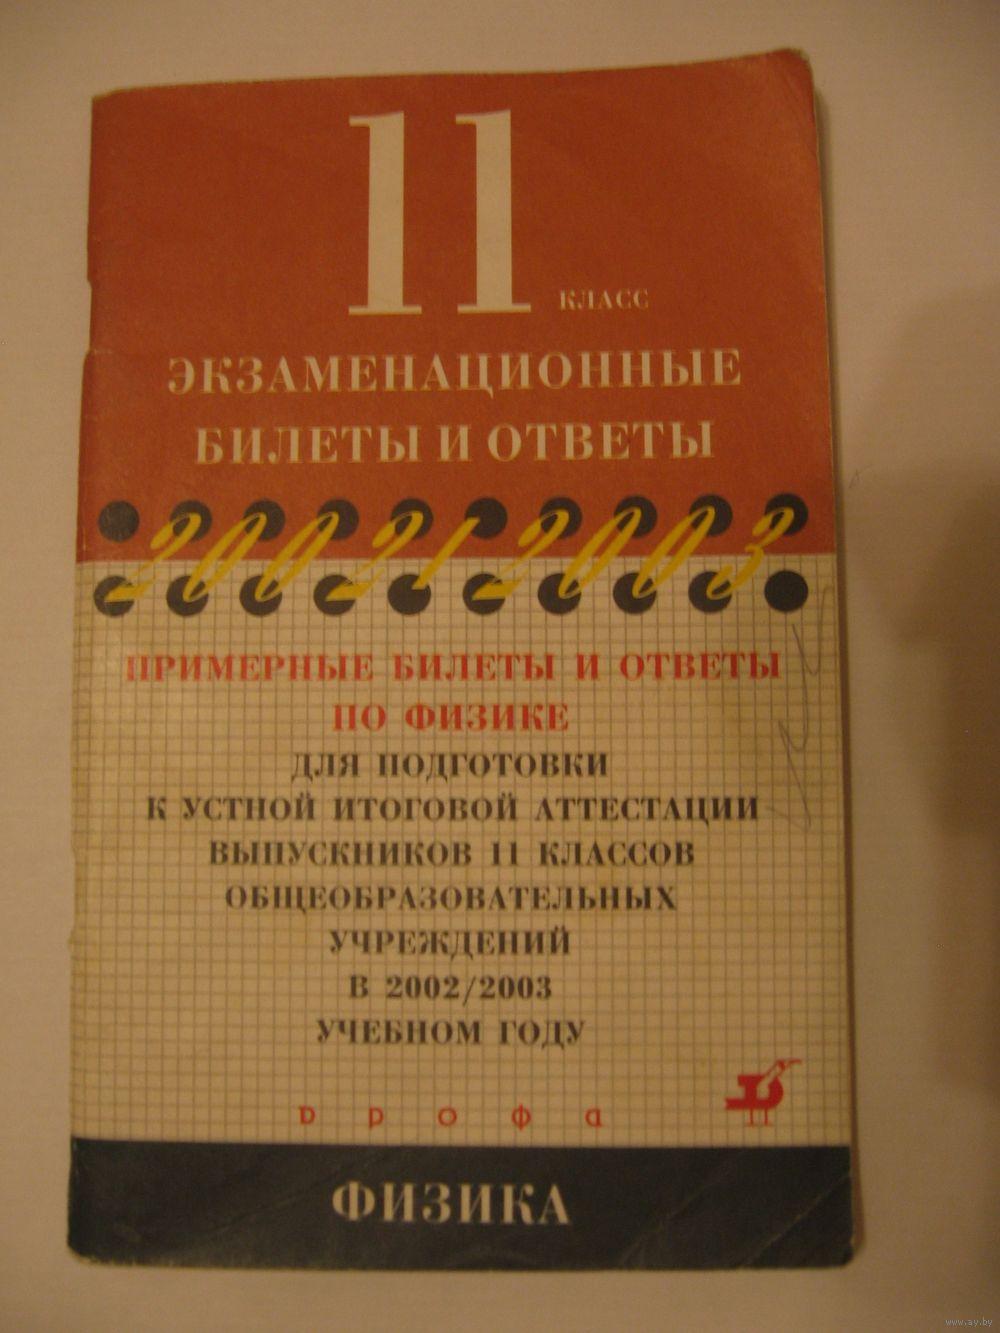 Гдз по татарскому языку 5 класс ягъфэрова фатхуллова